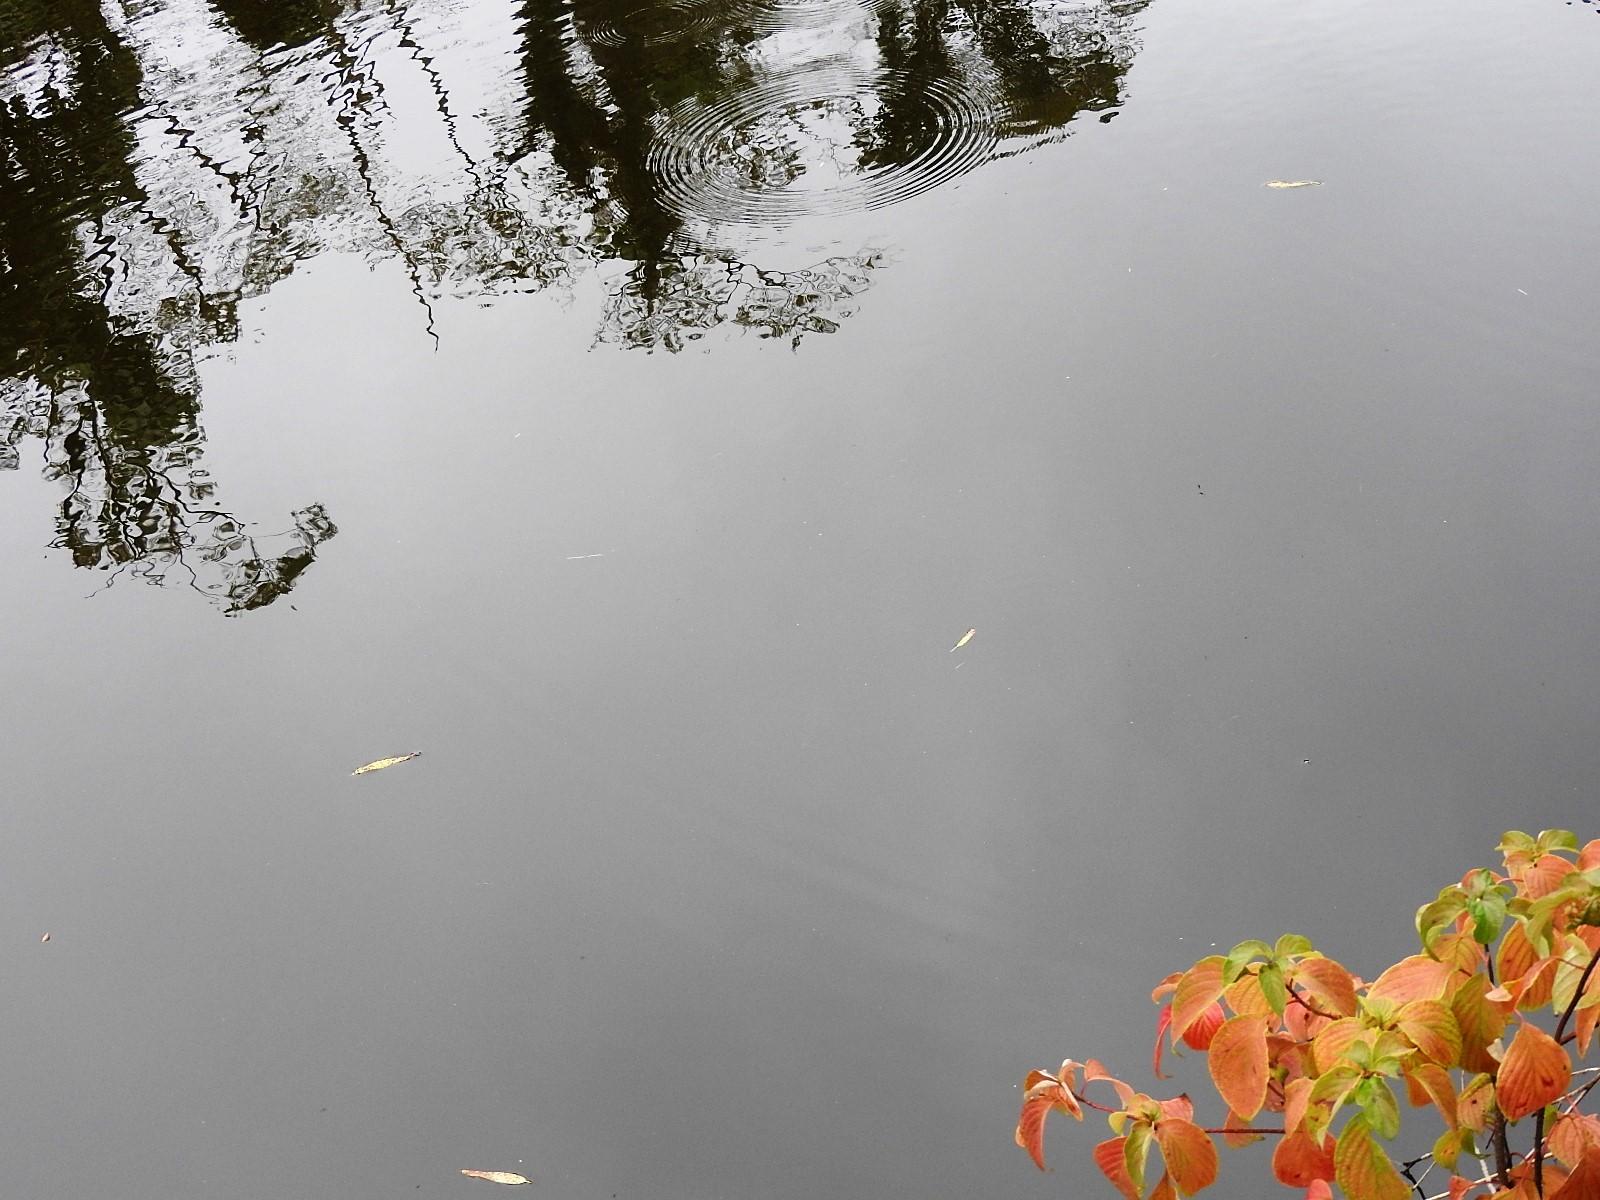 秋に礫を投げてみた。_e0406450_17504590.jpg